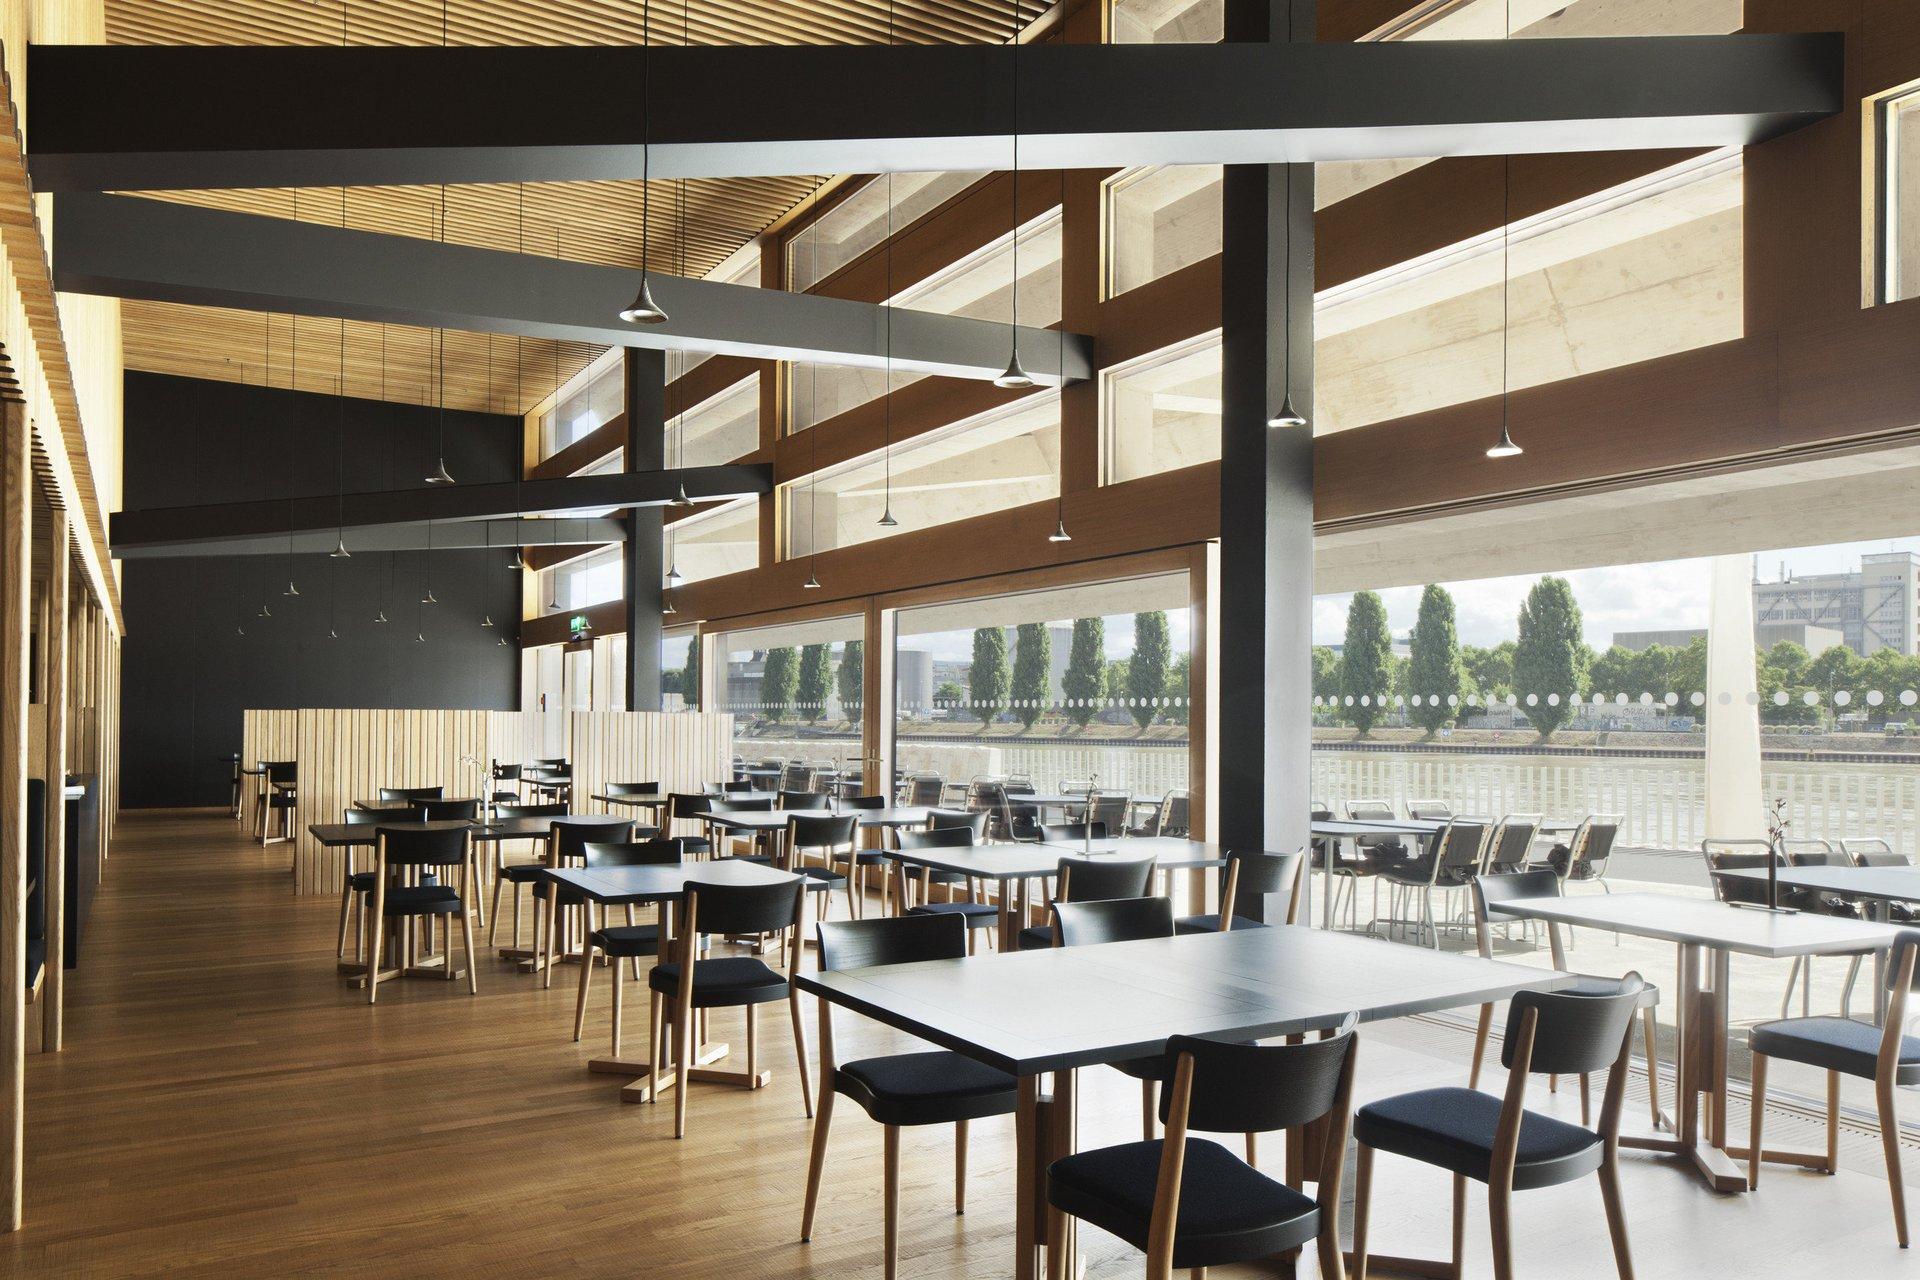 innen bestuhltes Campus Cafe in modernem Design mit Innenverkleidung aus Holz